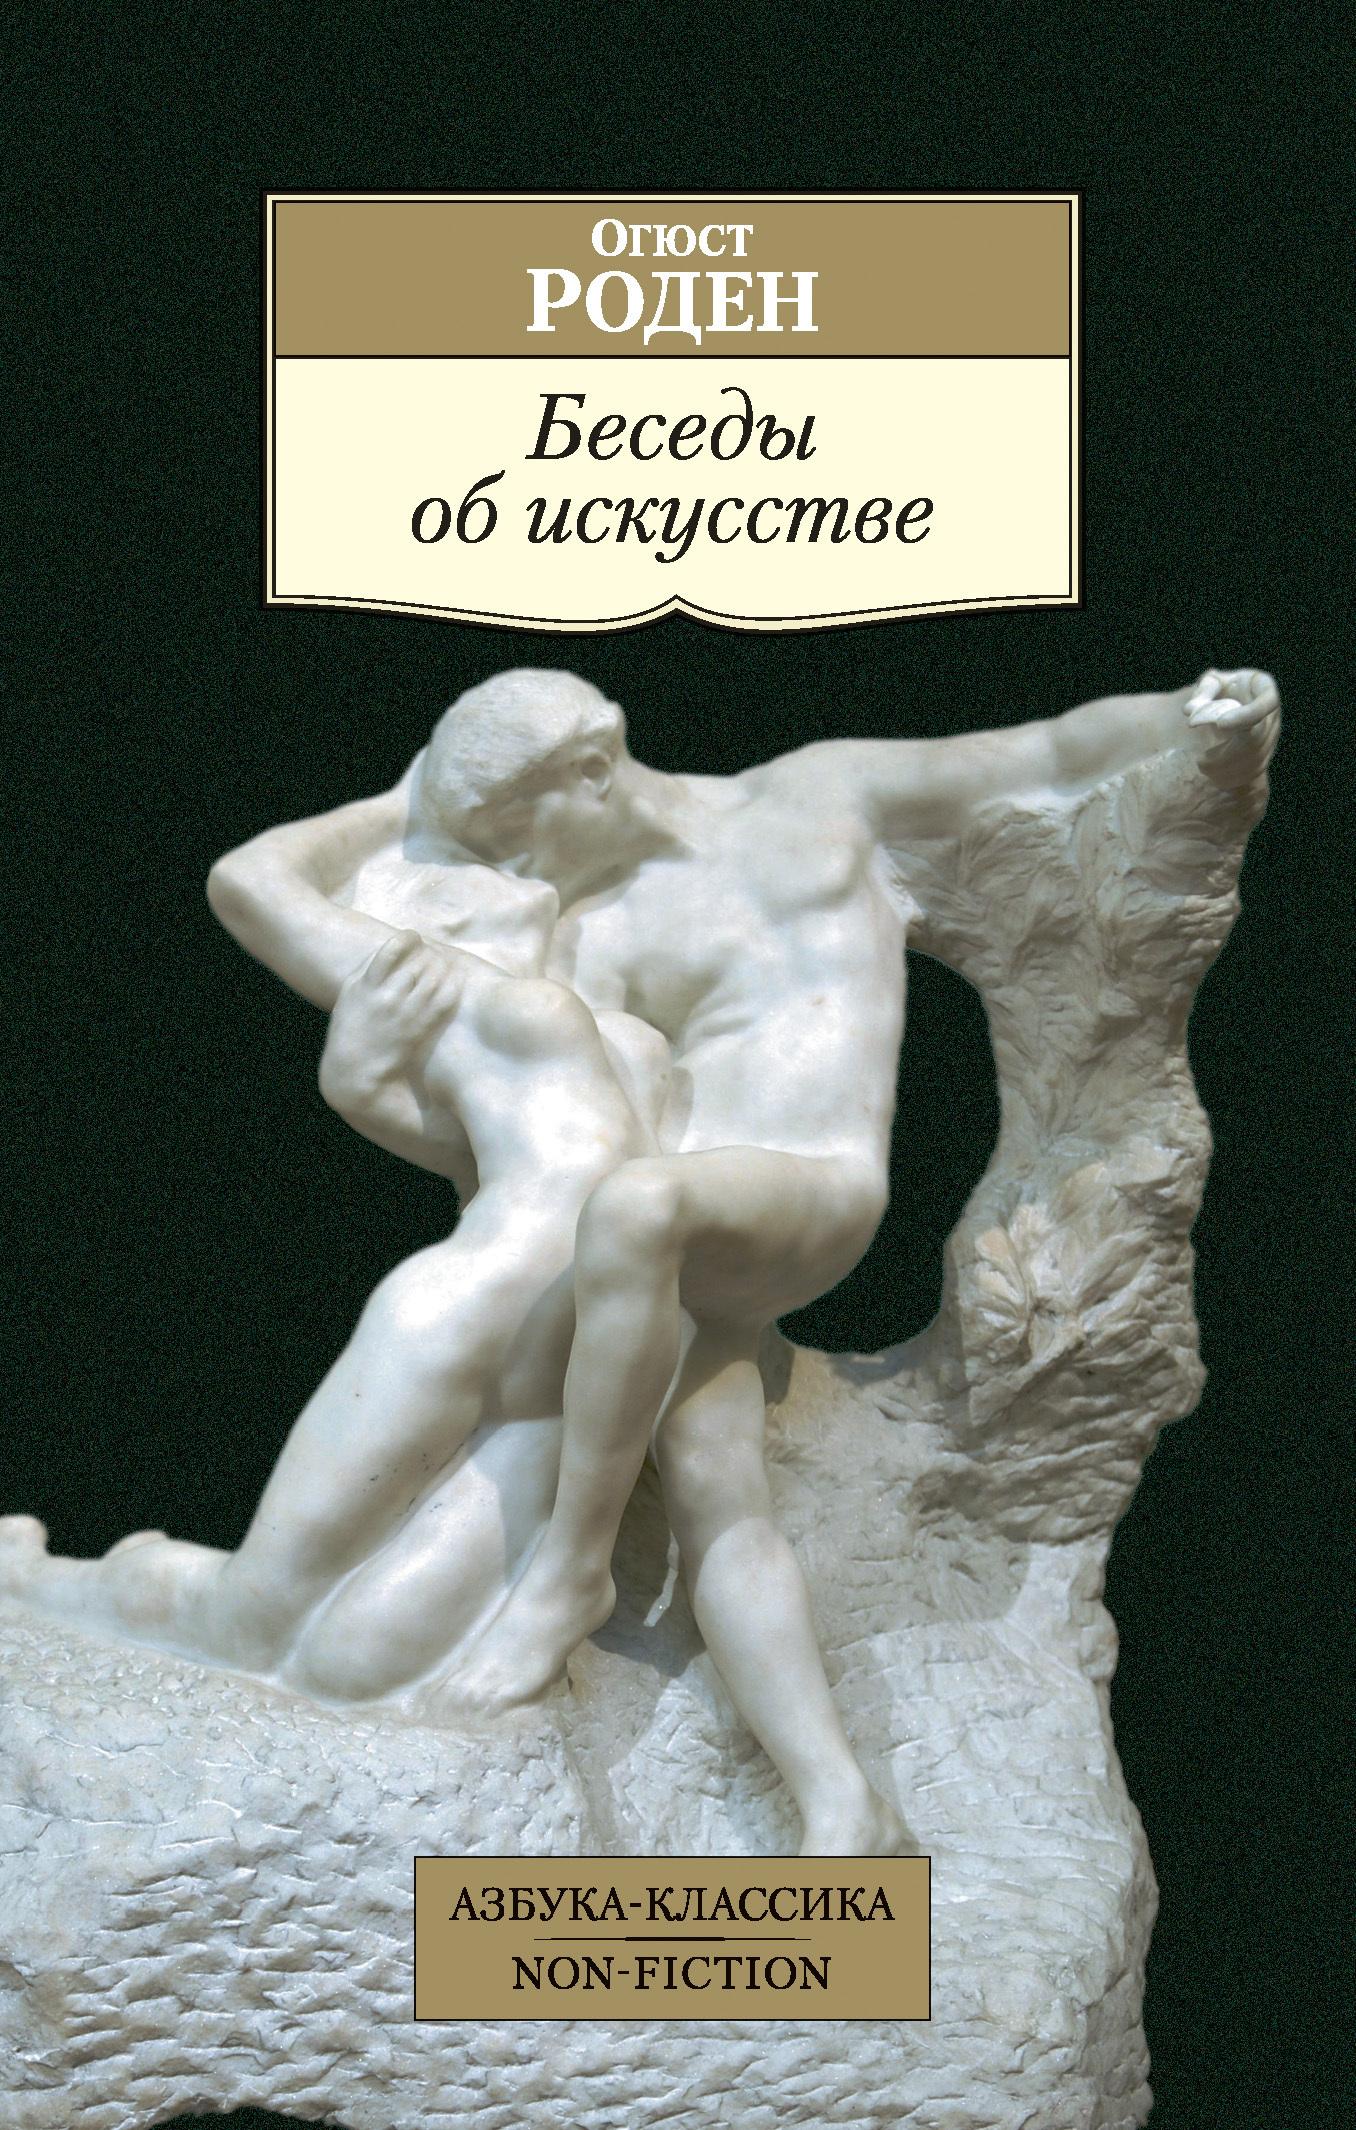 Огюст Роден Беседы об искусстве (сборник) pr ro12 статуэтка поцелуй огюст роден museum parastone